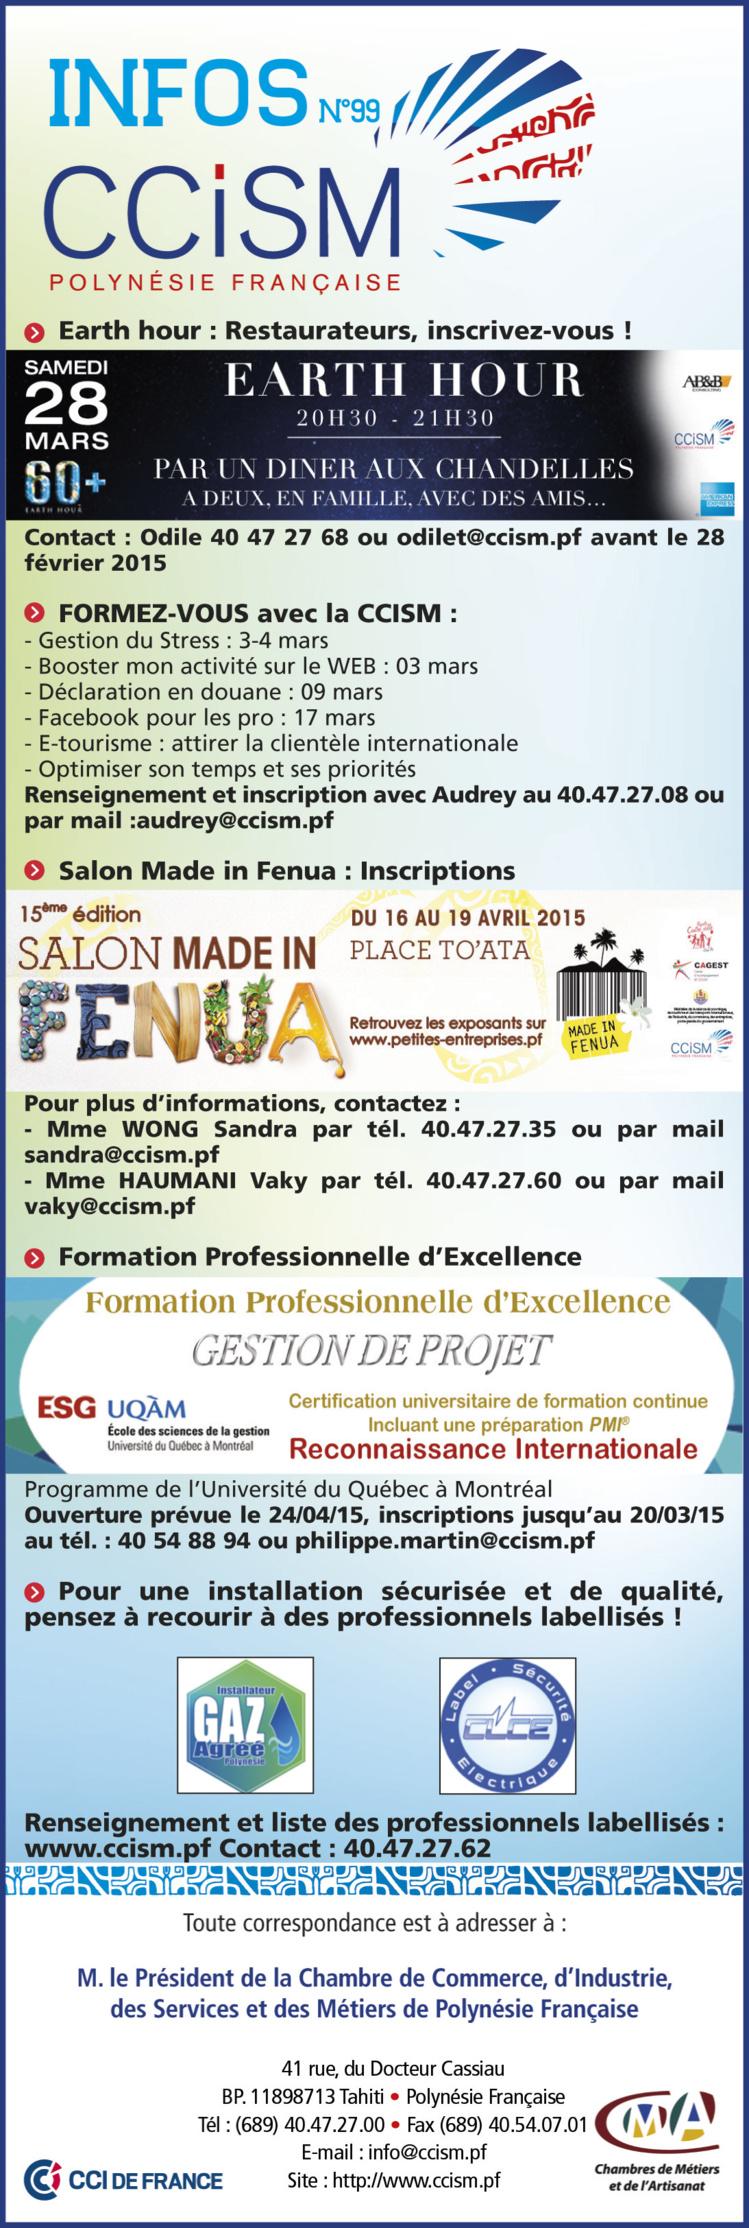 Infos CCISM N°99